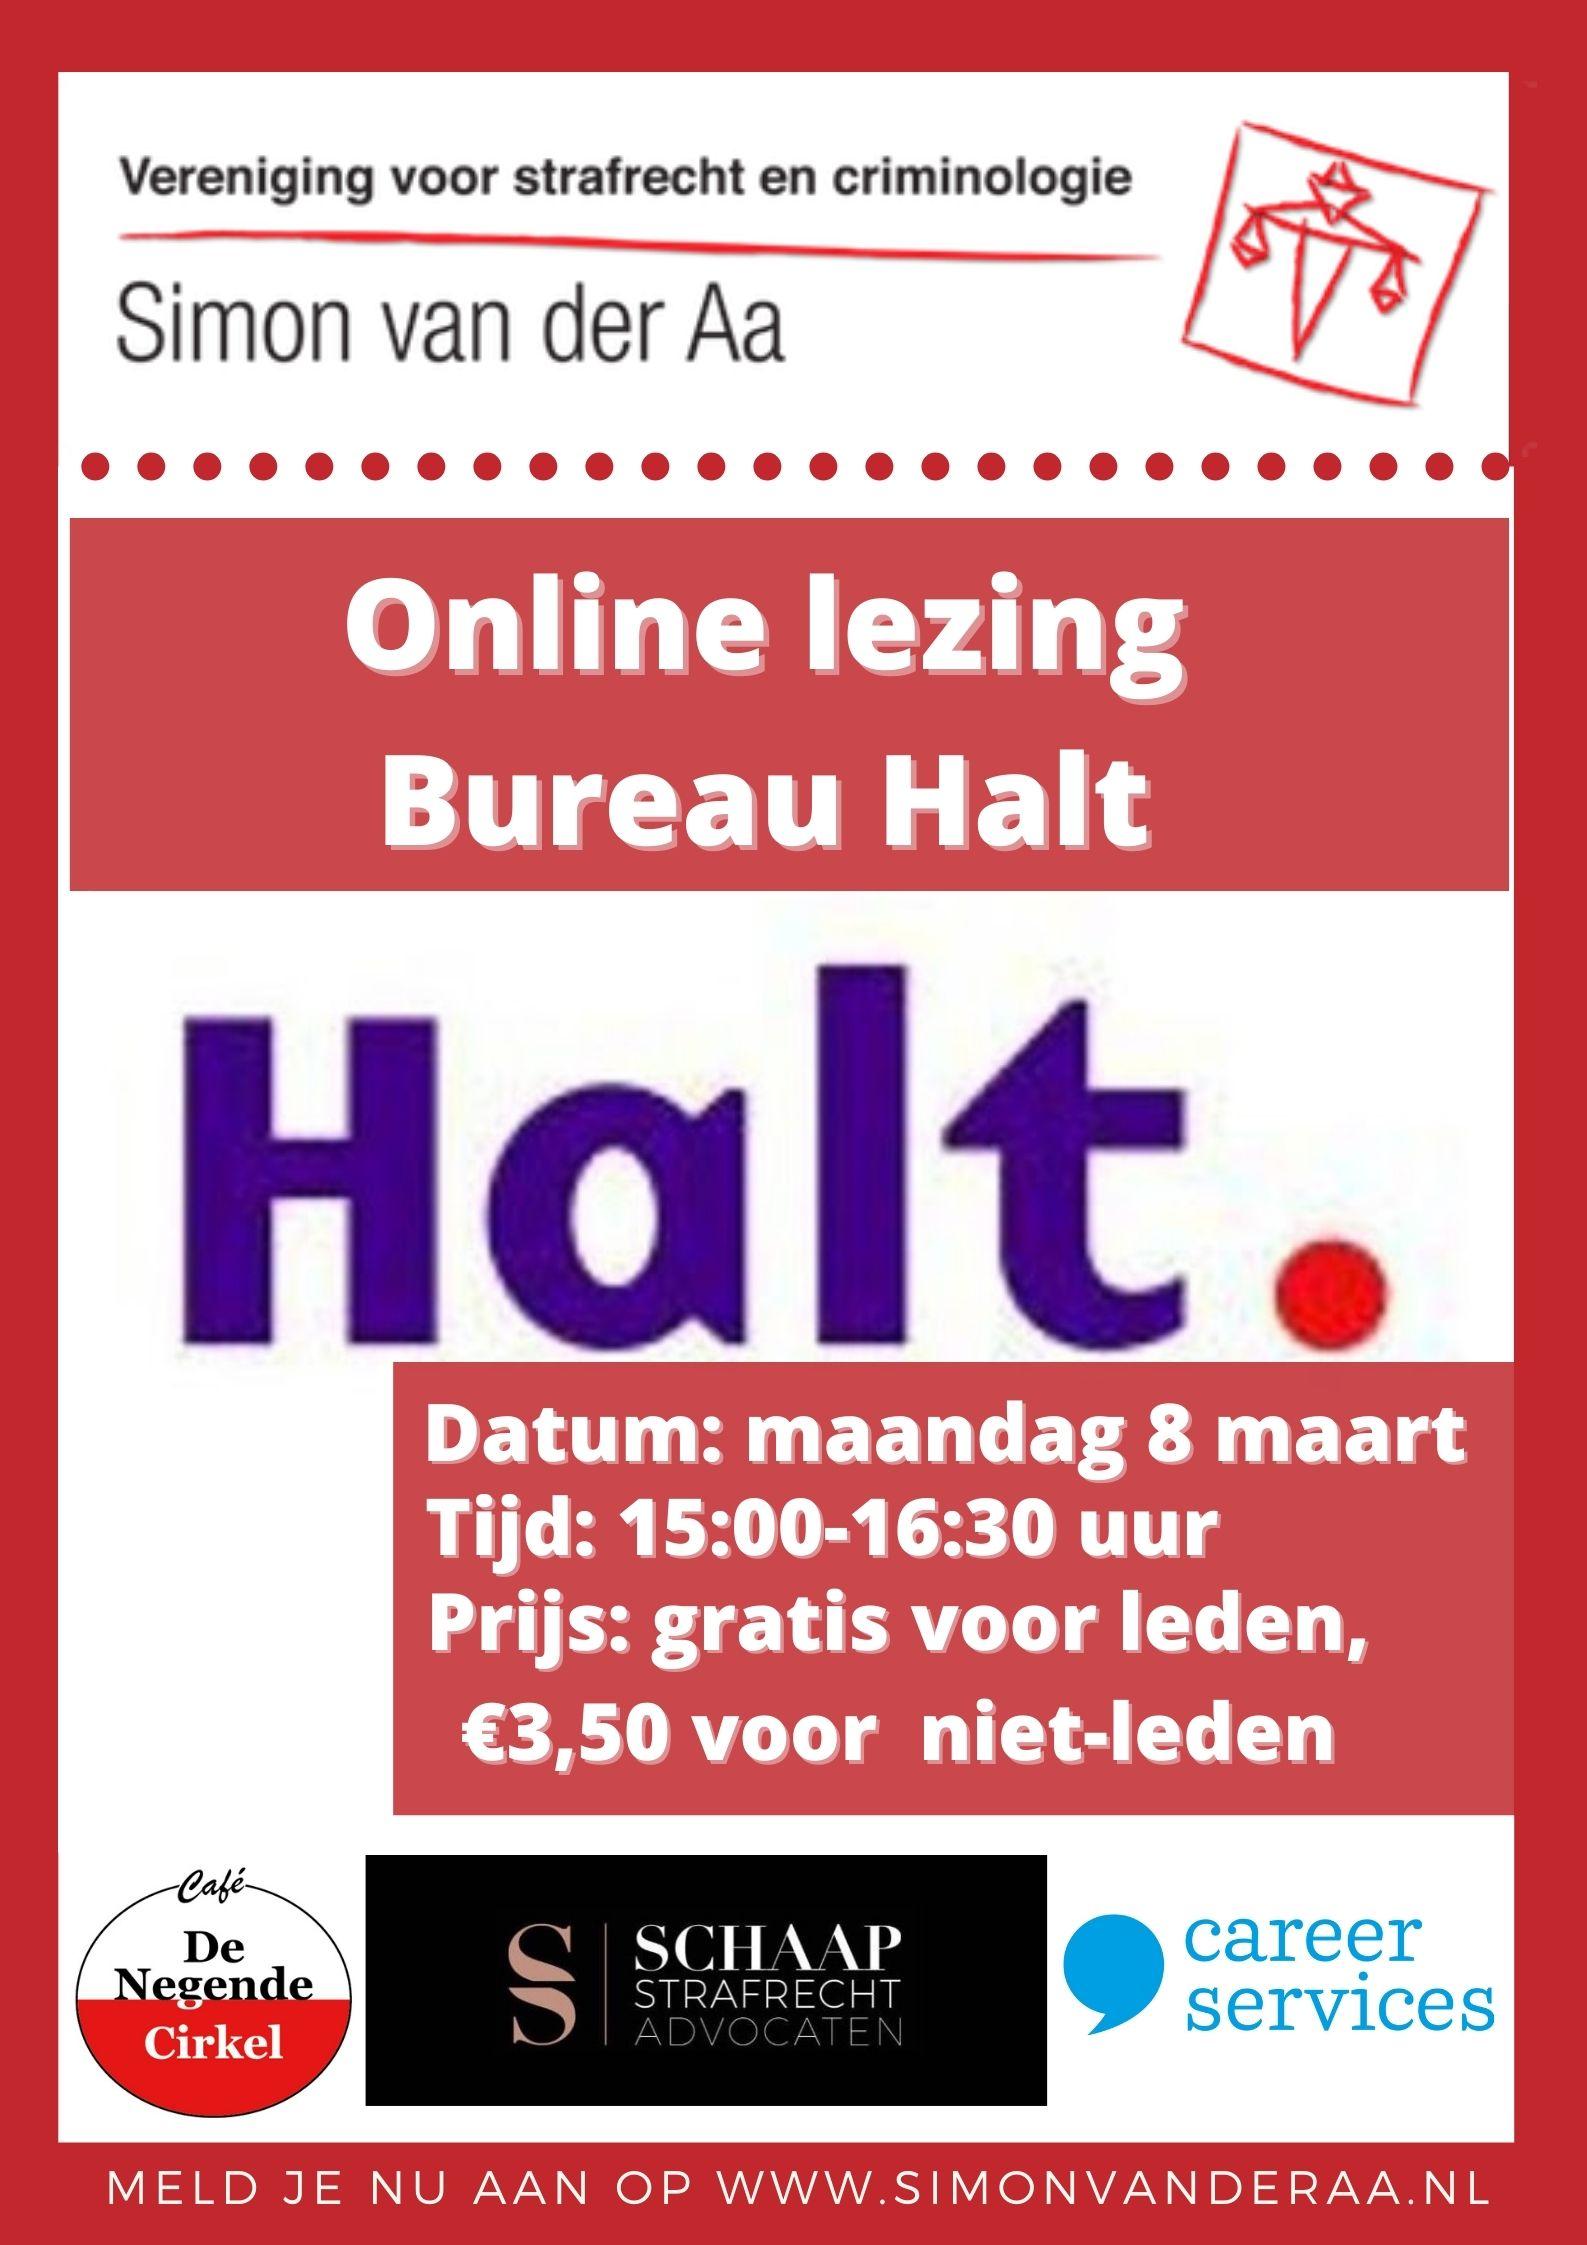 Online lezing Bureau Halt